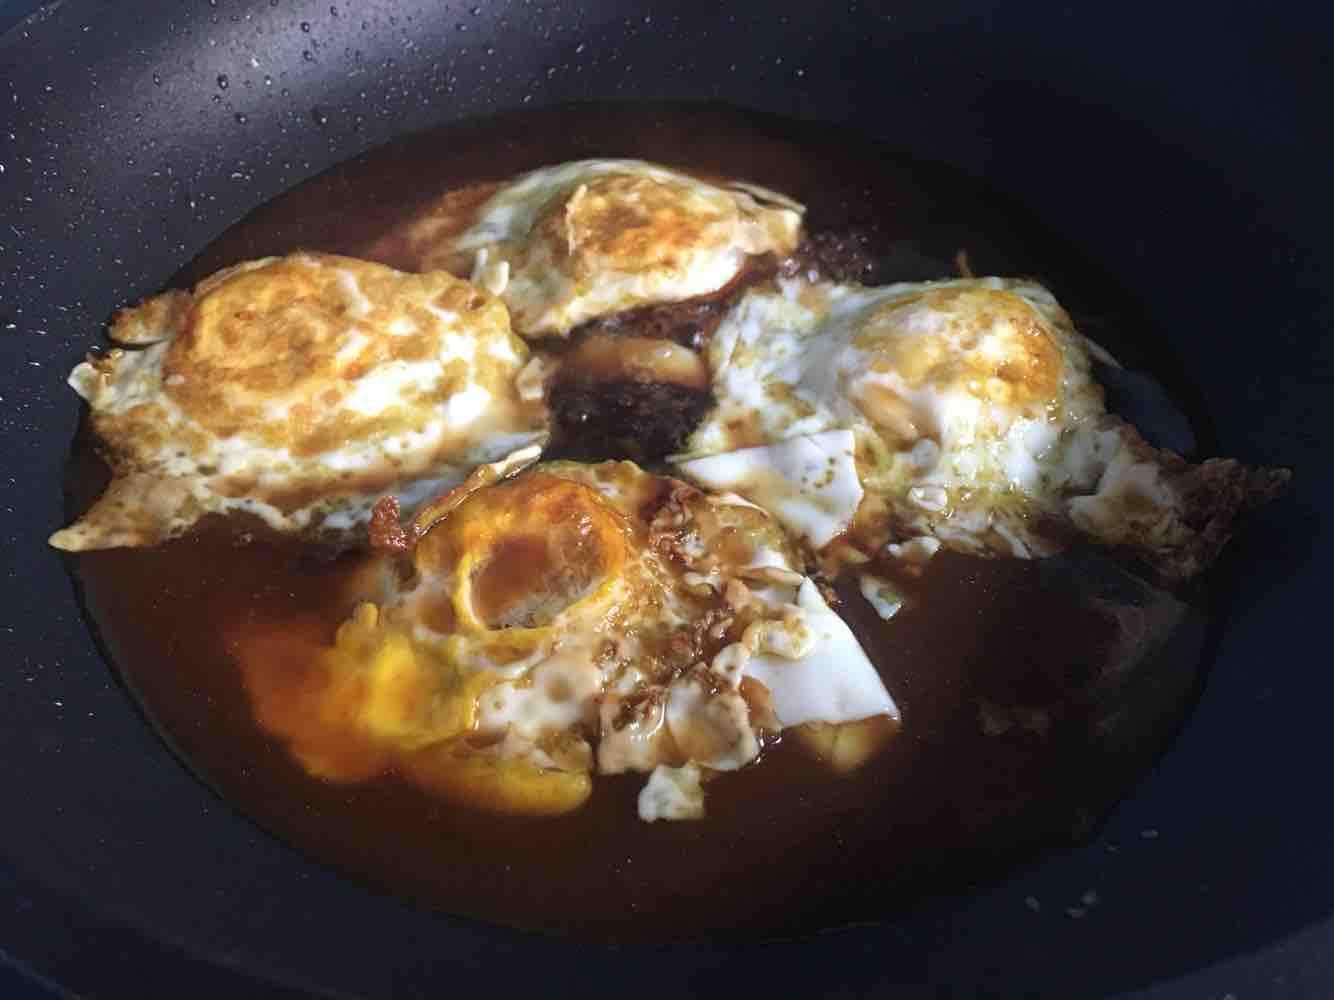 糖醋荷包蛋怎么吃